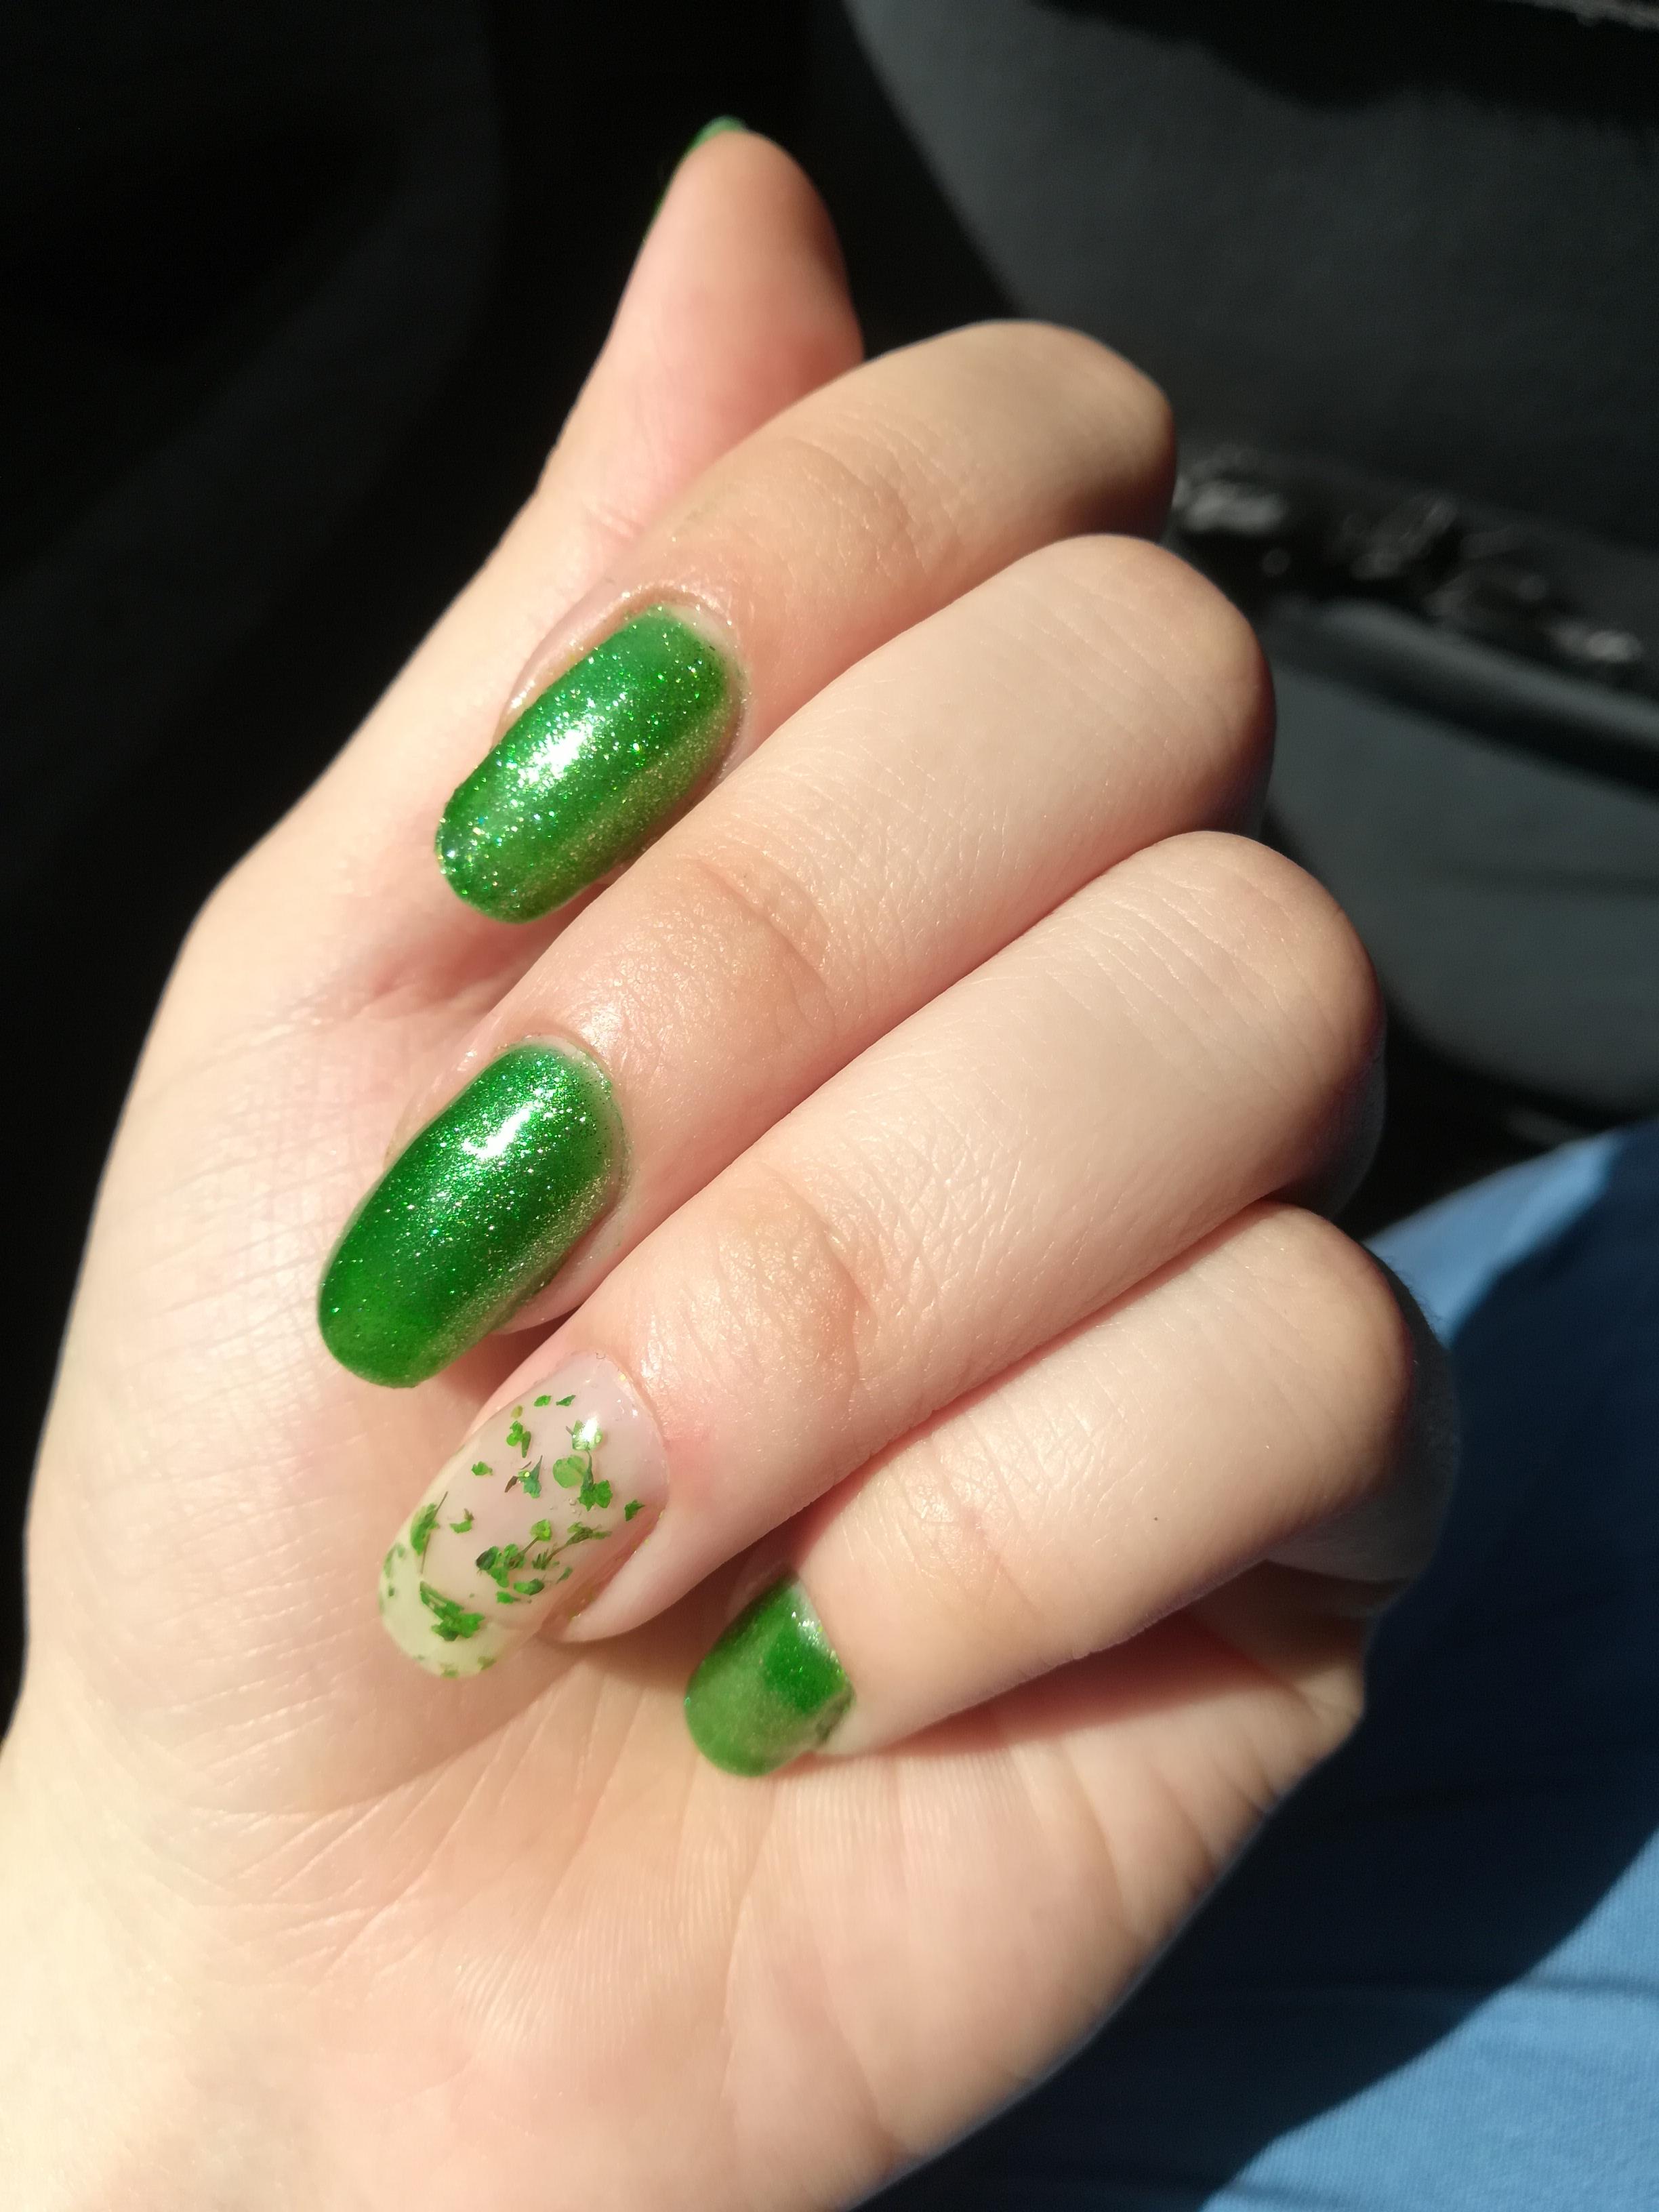 Маникюр с блестками в зеленом цвете на длинные ногти.